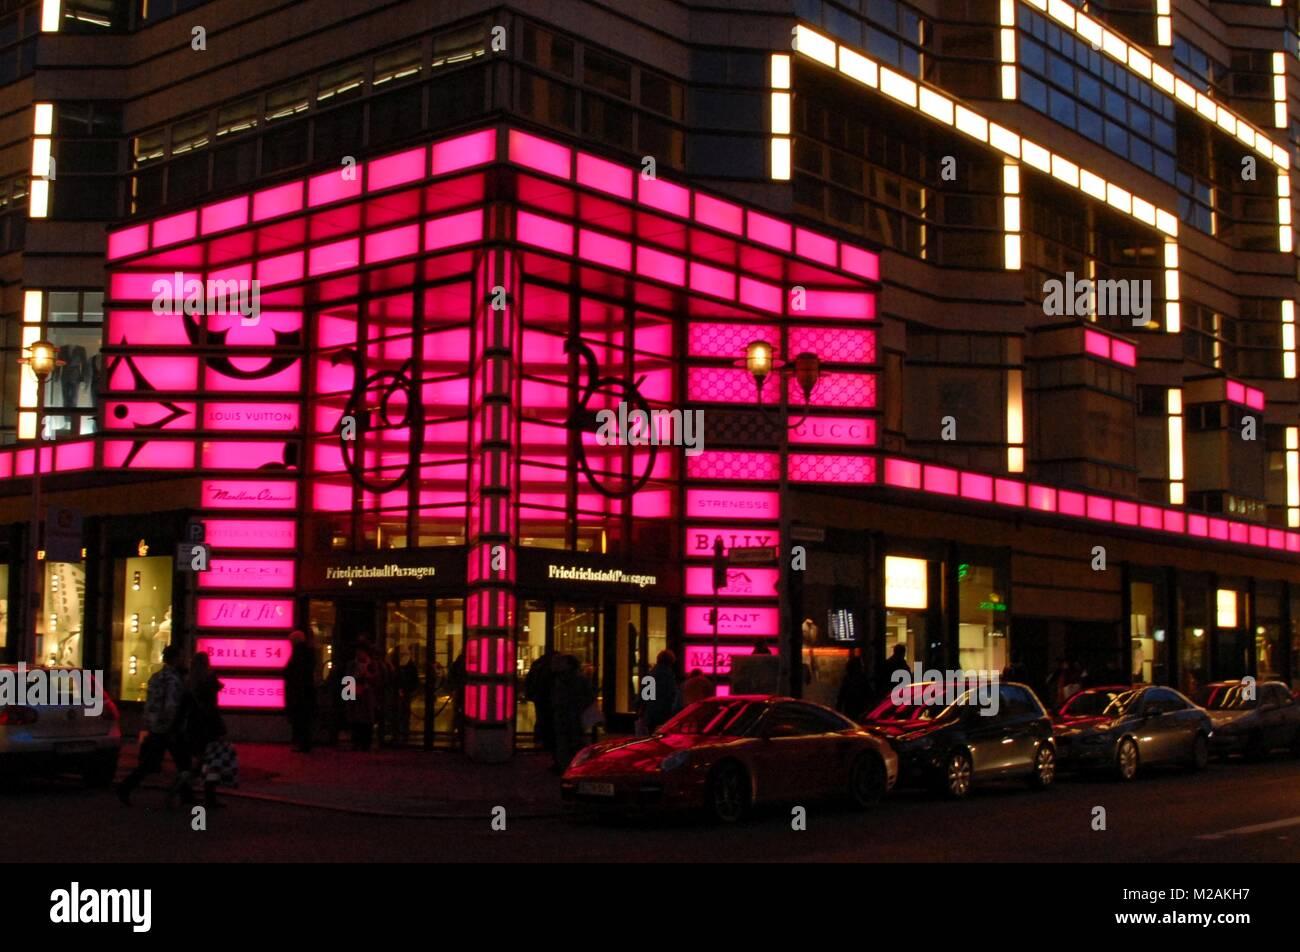 Blick auf den Eingang der Friedrichstadtpassagen und die bunte beleuchtete Fassade - Stock Image